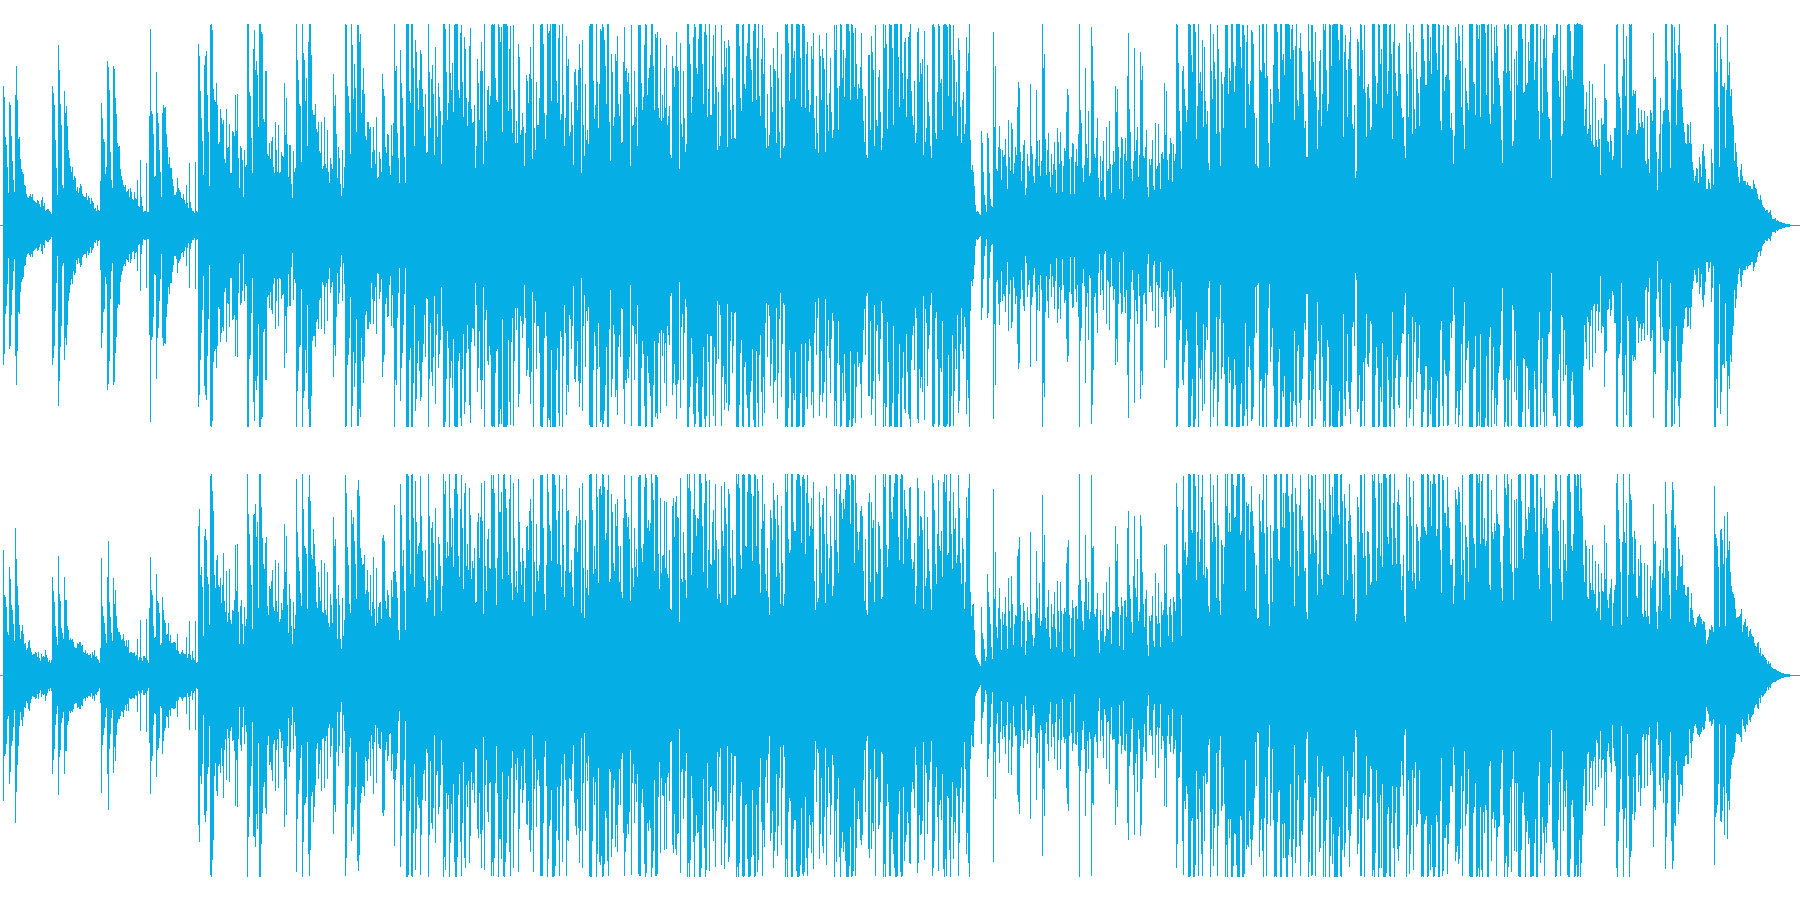 哀愁漂う和風旋律のブレイクビーツの再生済みの波形